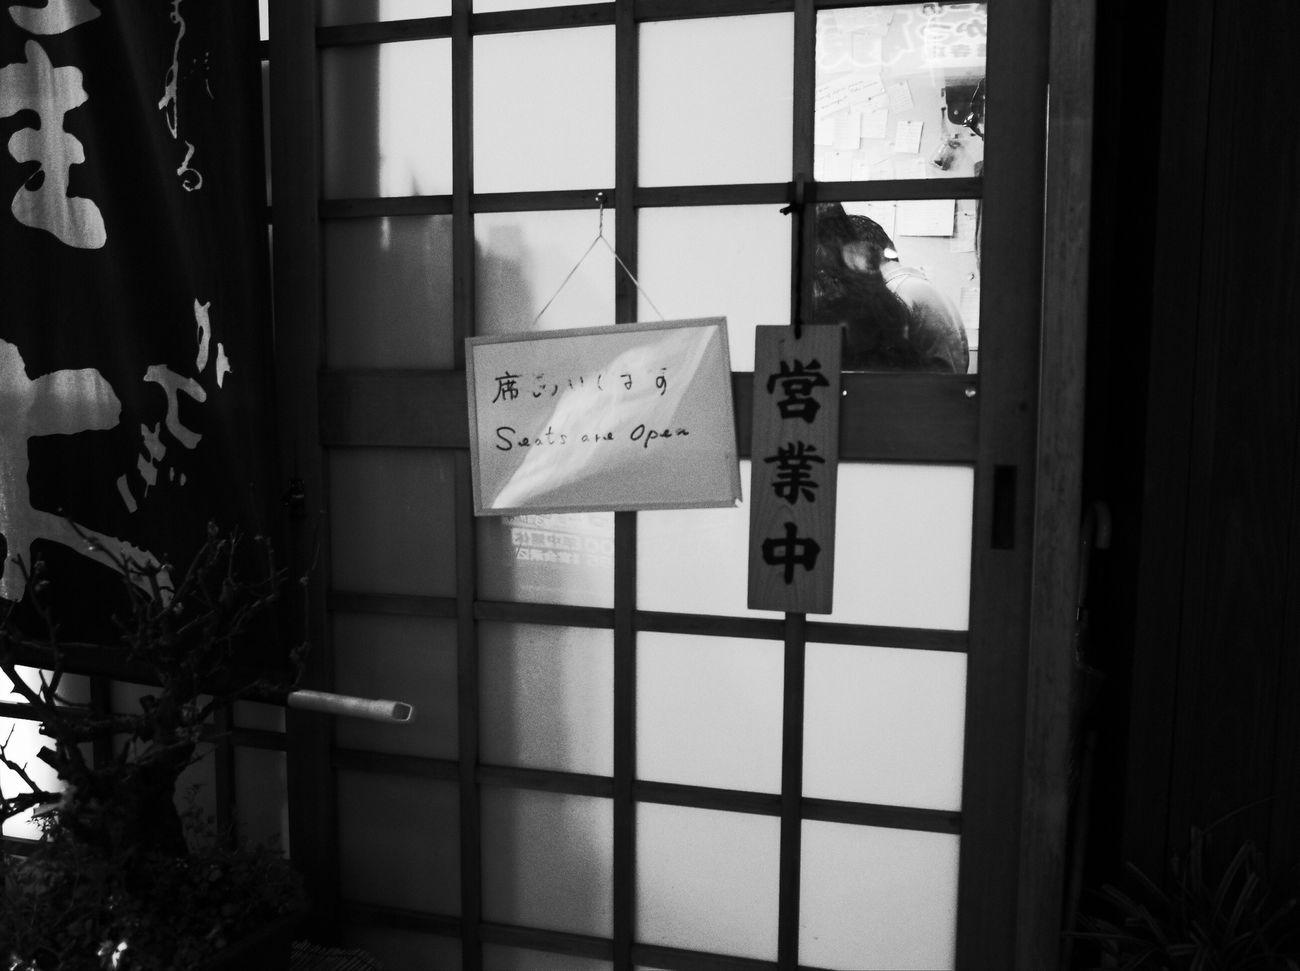 巷內風景 Through The Door Creative Light And Shadow Black And White Streetphoto_bw Snapshots Of Life Night Mealtime Travel Osaka,Japan